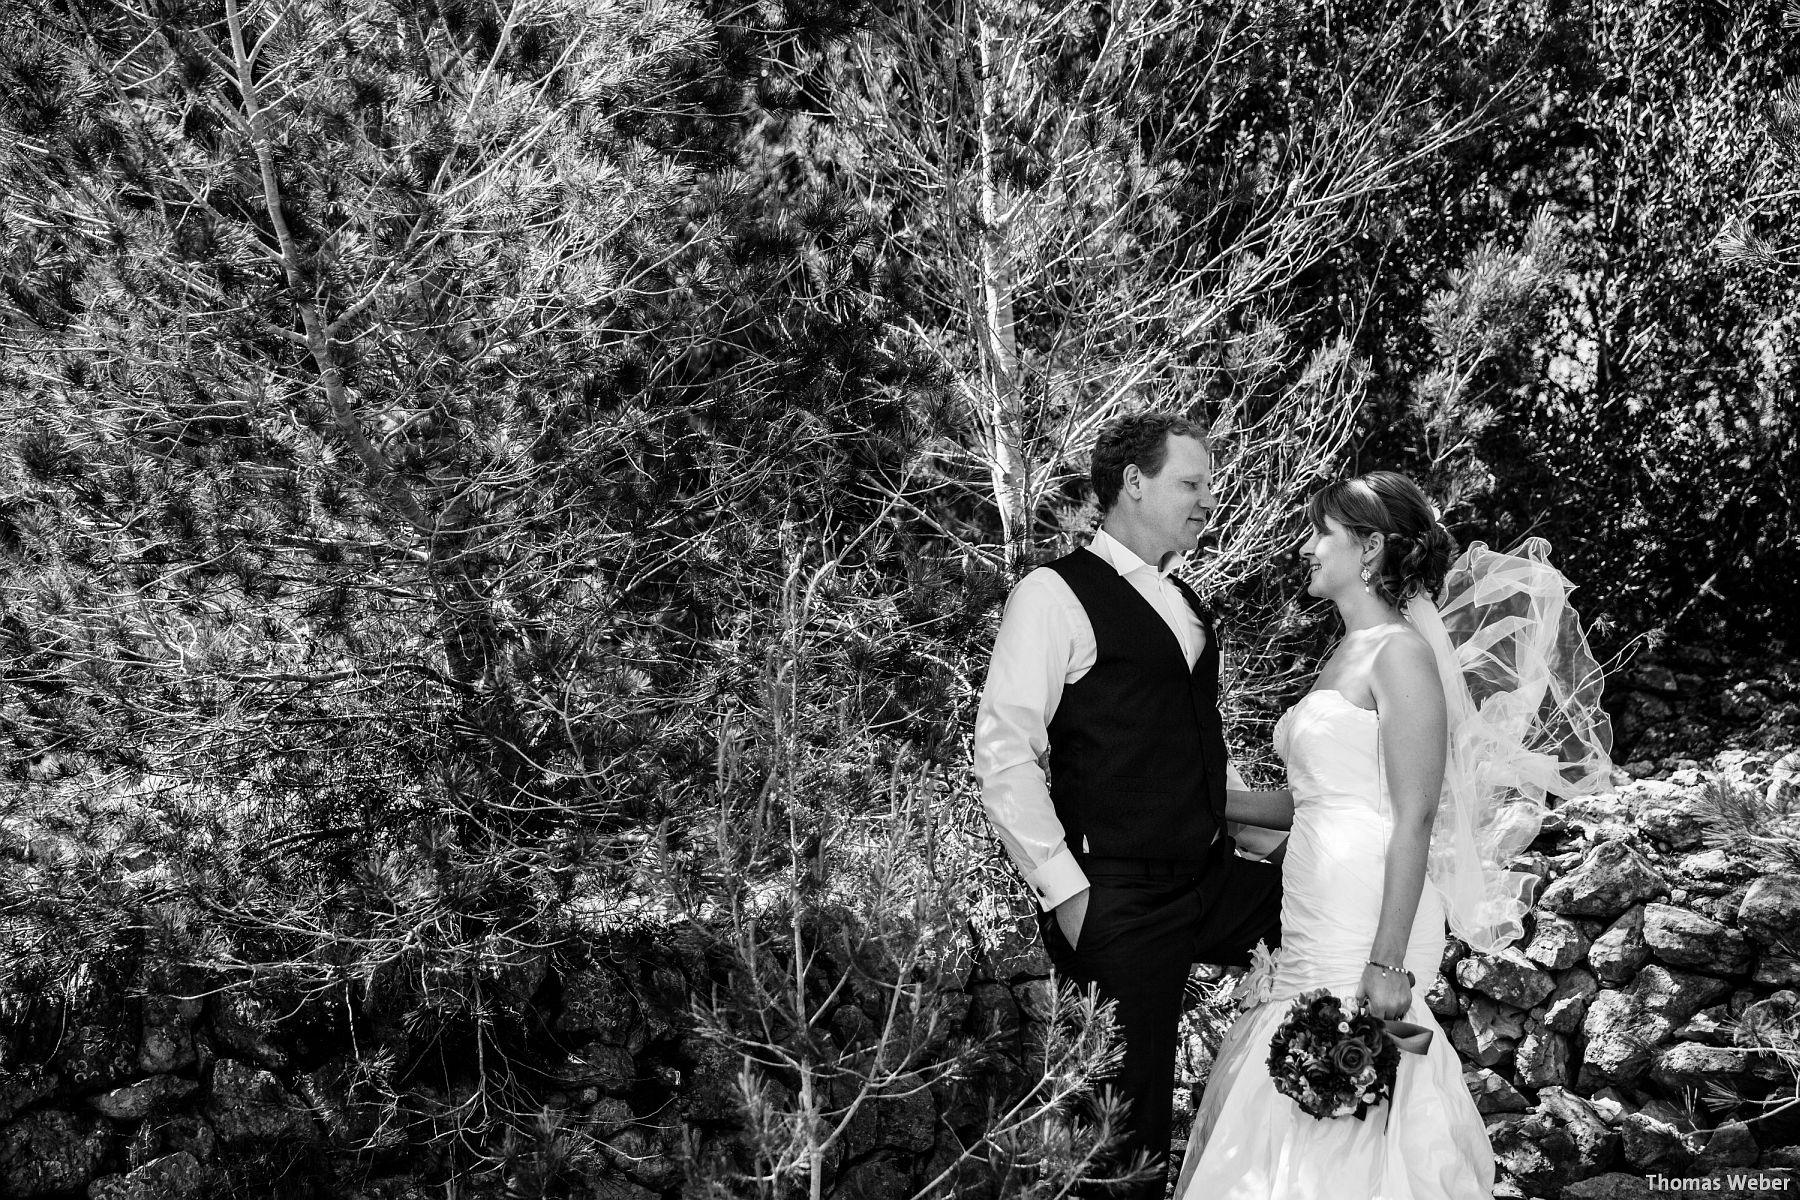 Hochzeitsfotograf Thomas Weber aus Oldenburg: Hochzeitsfotos und Paarfotos auf Mallorca (27)